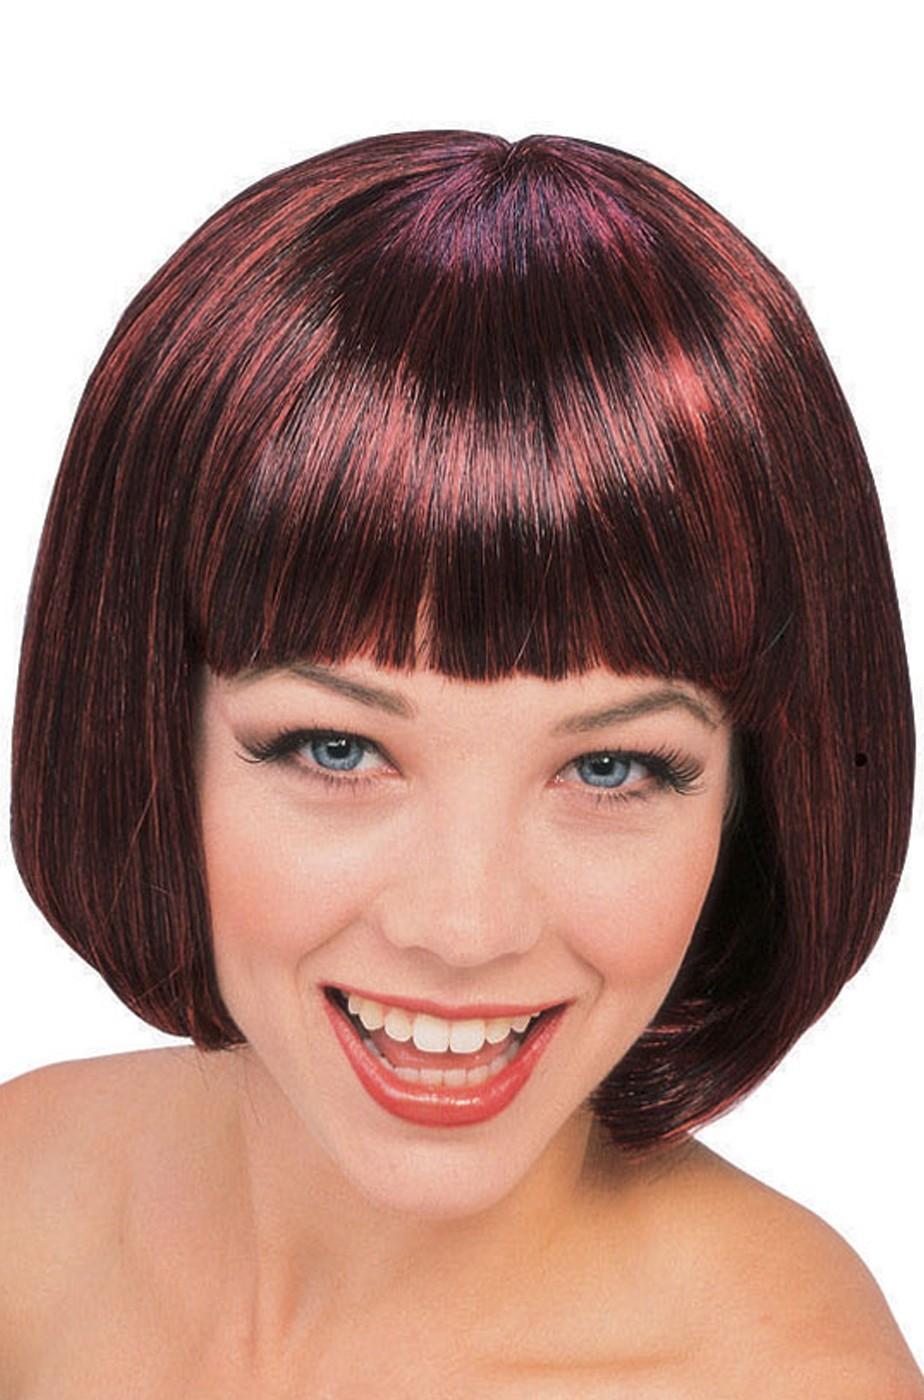 Parrucca donna a caschetto marrone ma quasi rossa